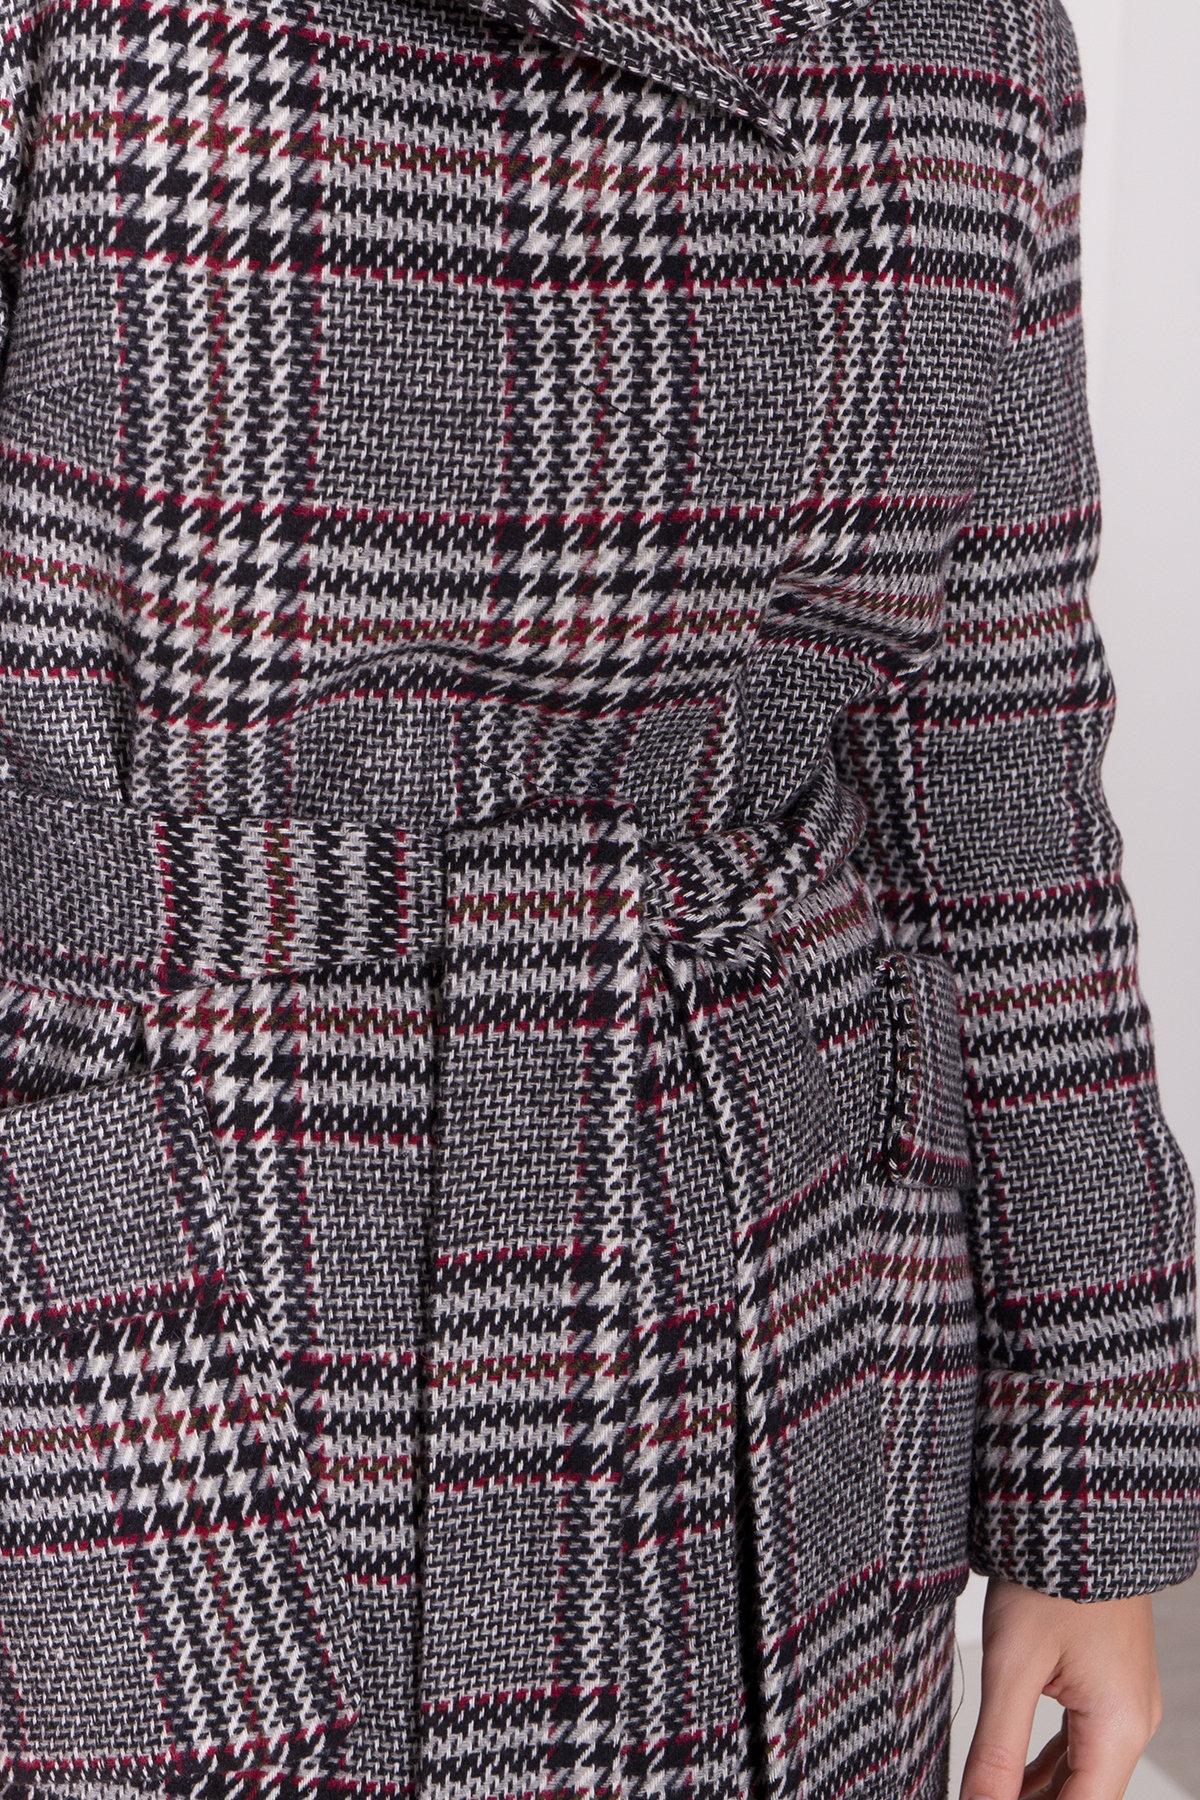 Зимнее пальто в стильную клетку Анджи 8276 АРТ. 44724 Цвет: Клетка кр черн/сер/вин - фото 16, интернет магазин tm-modus.ru